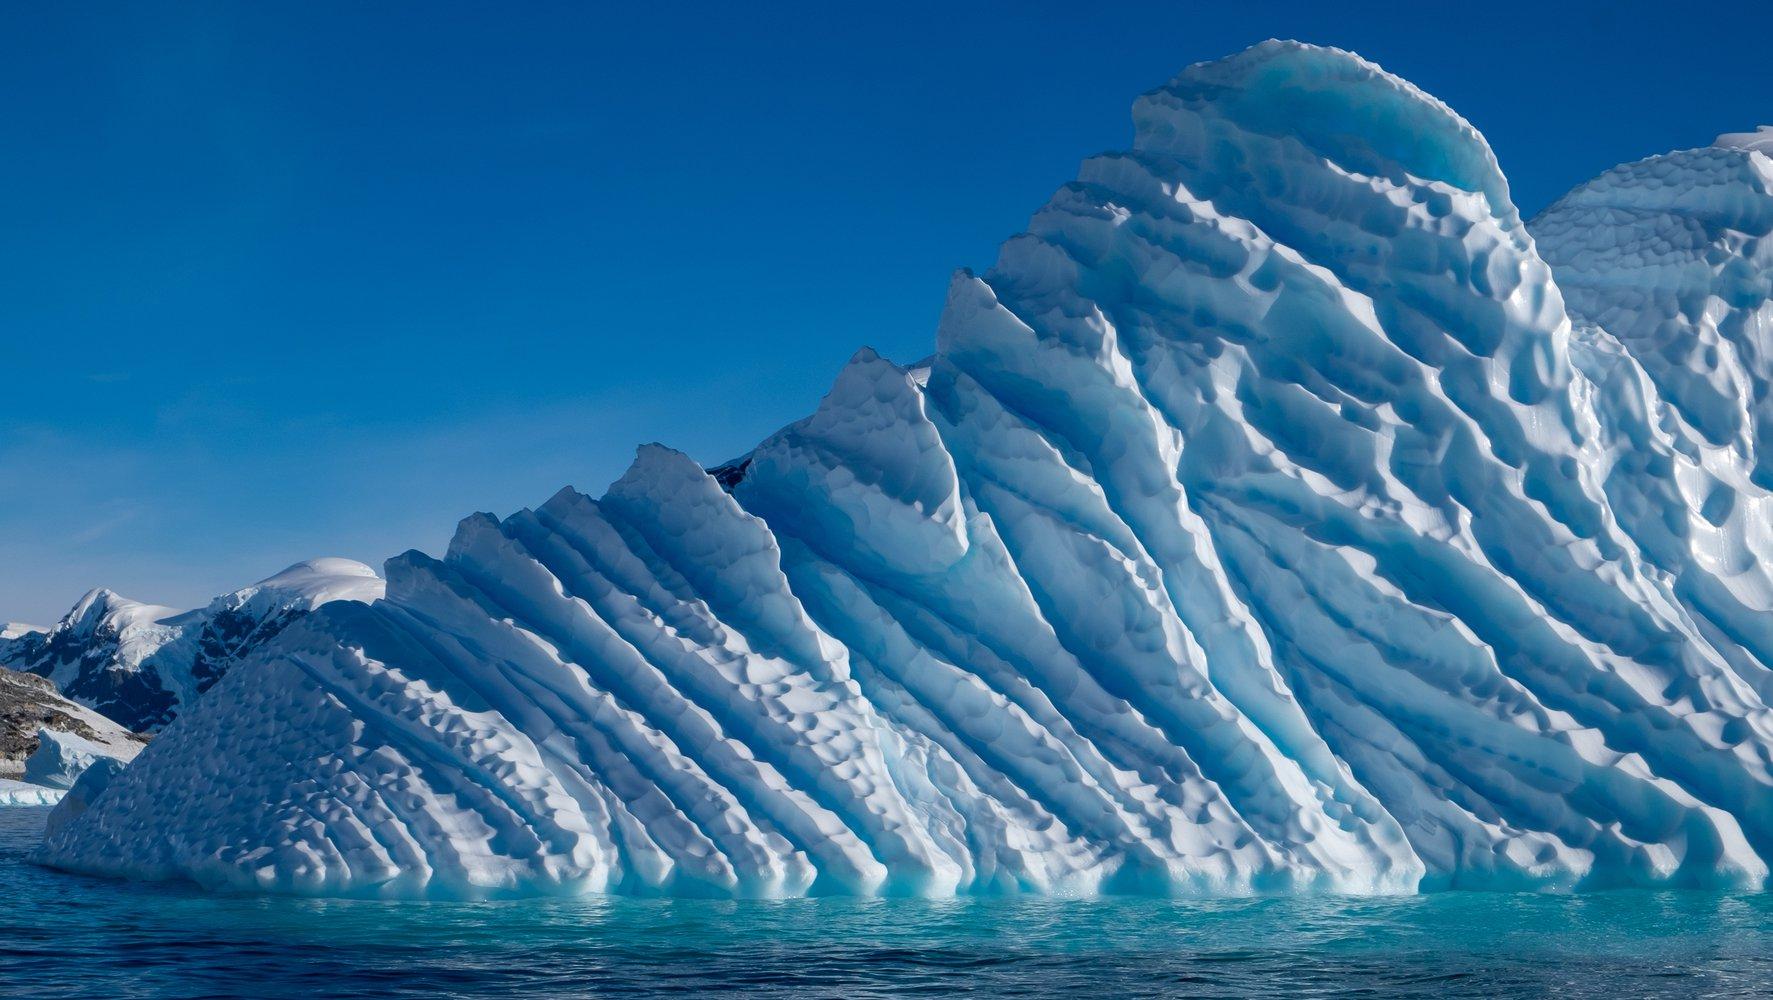 За 10 років Арктика прогрілася так само, як вся Земля за 137 років - клімат, глобальні зміни клімату - 08 arktyka